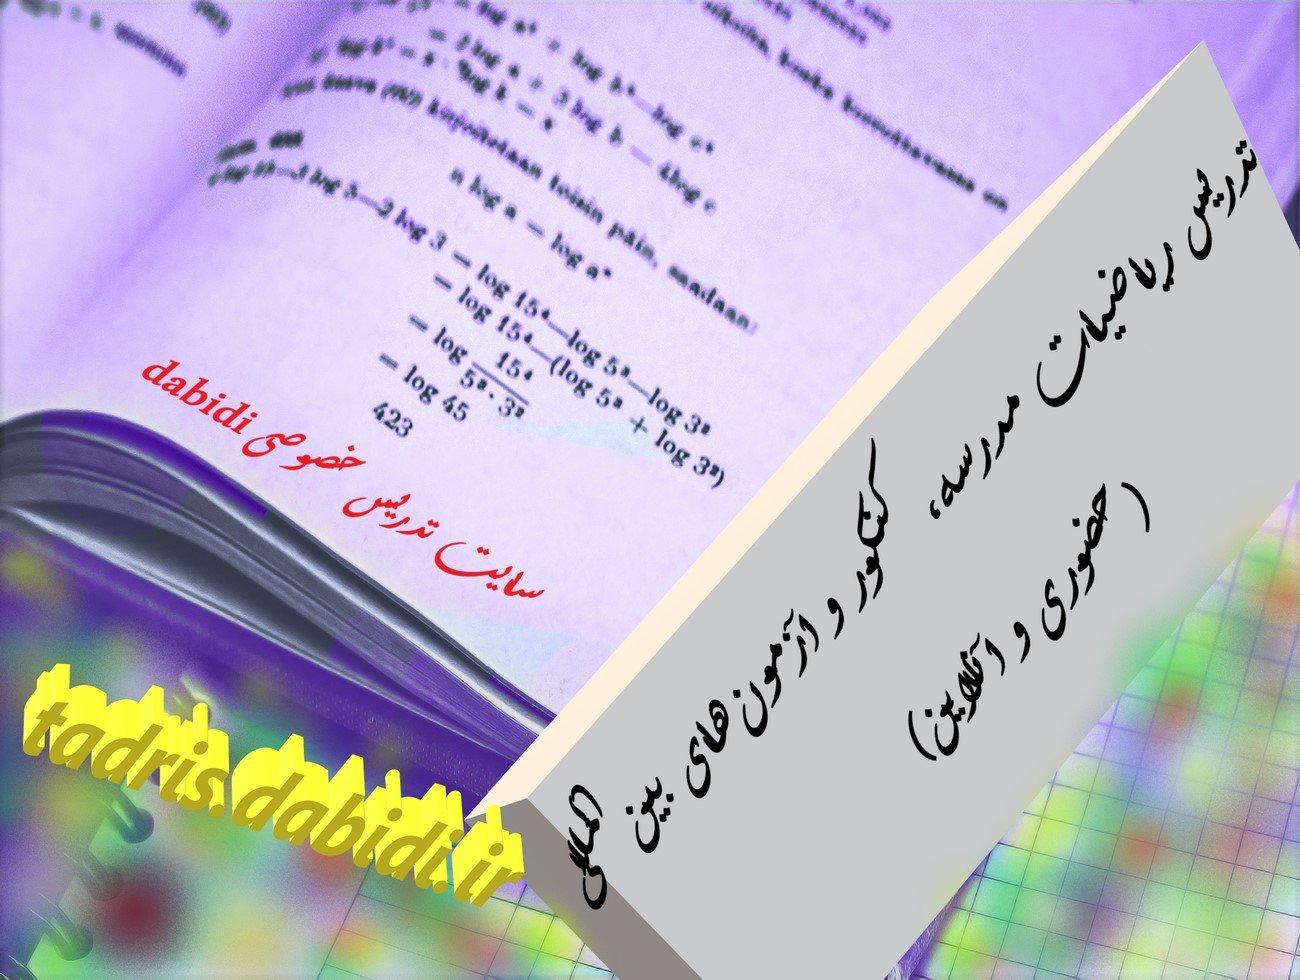 تدریس ریاضیات مدرسه، کنکور و آزمون های بینالمللی (حضوری و آنلاین)